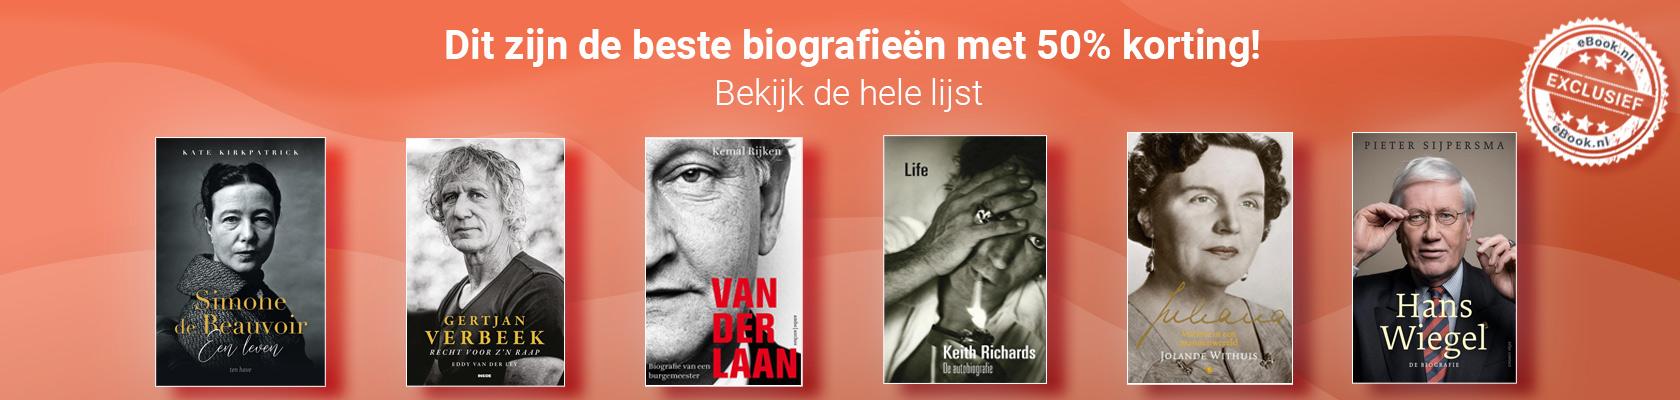 Biografieen